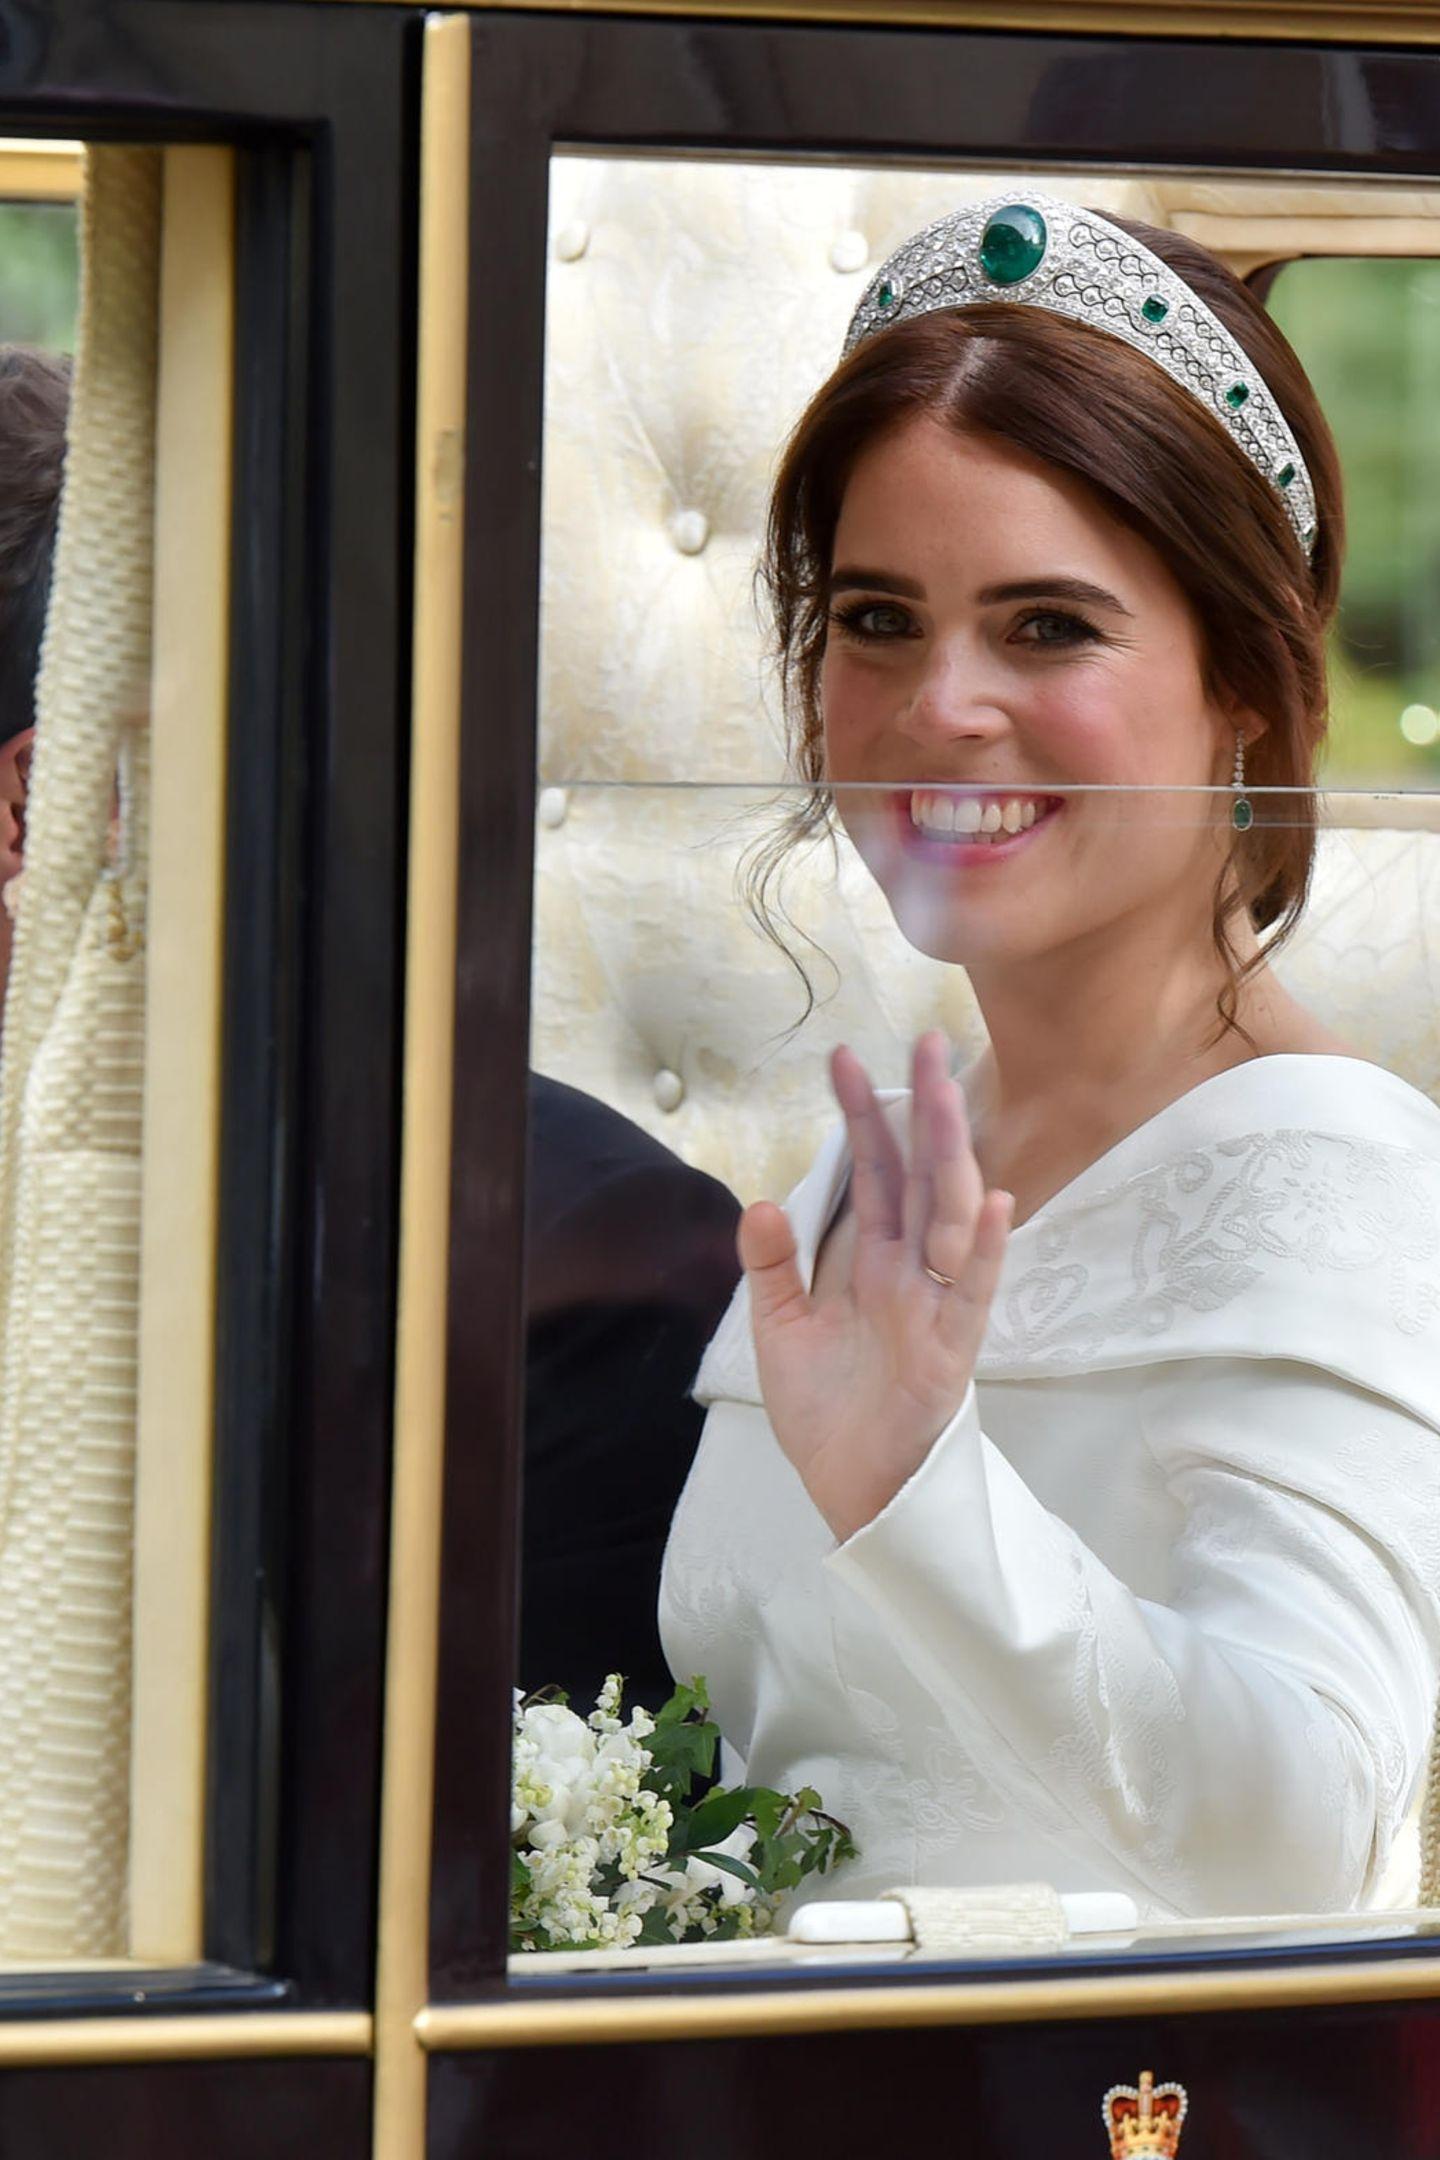 Auch Prinzessin Eugenie sieht genauso bezaubernd aus wie die anderen Royals. Auf den Augen trägt sie lediglich etwas schimmernden Lidschatten in Silber, der ihre grünen Augen perfekt zur Geltung bringt. Ihr Teint ist frisch und rosig.